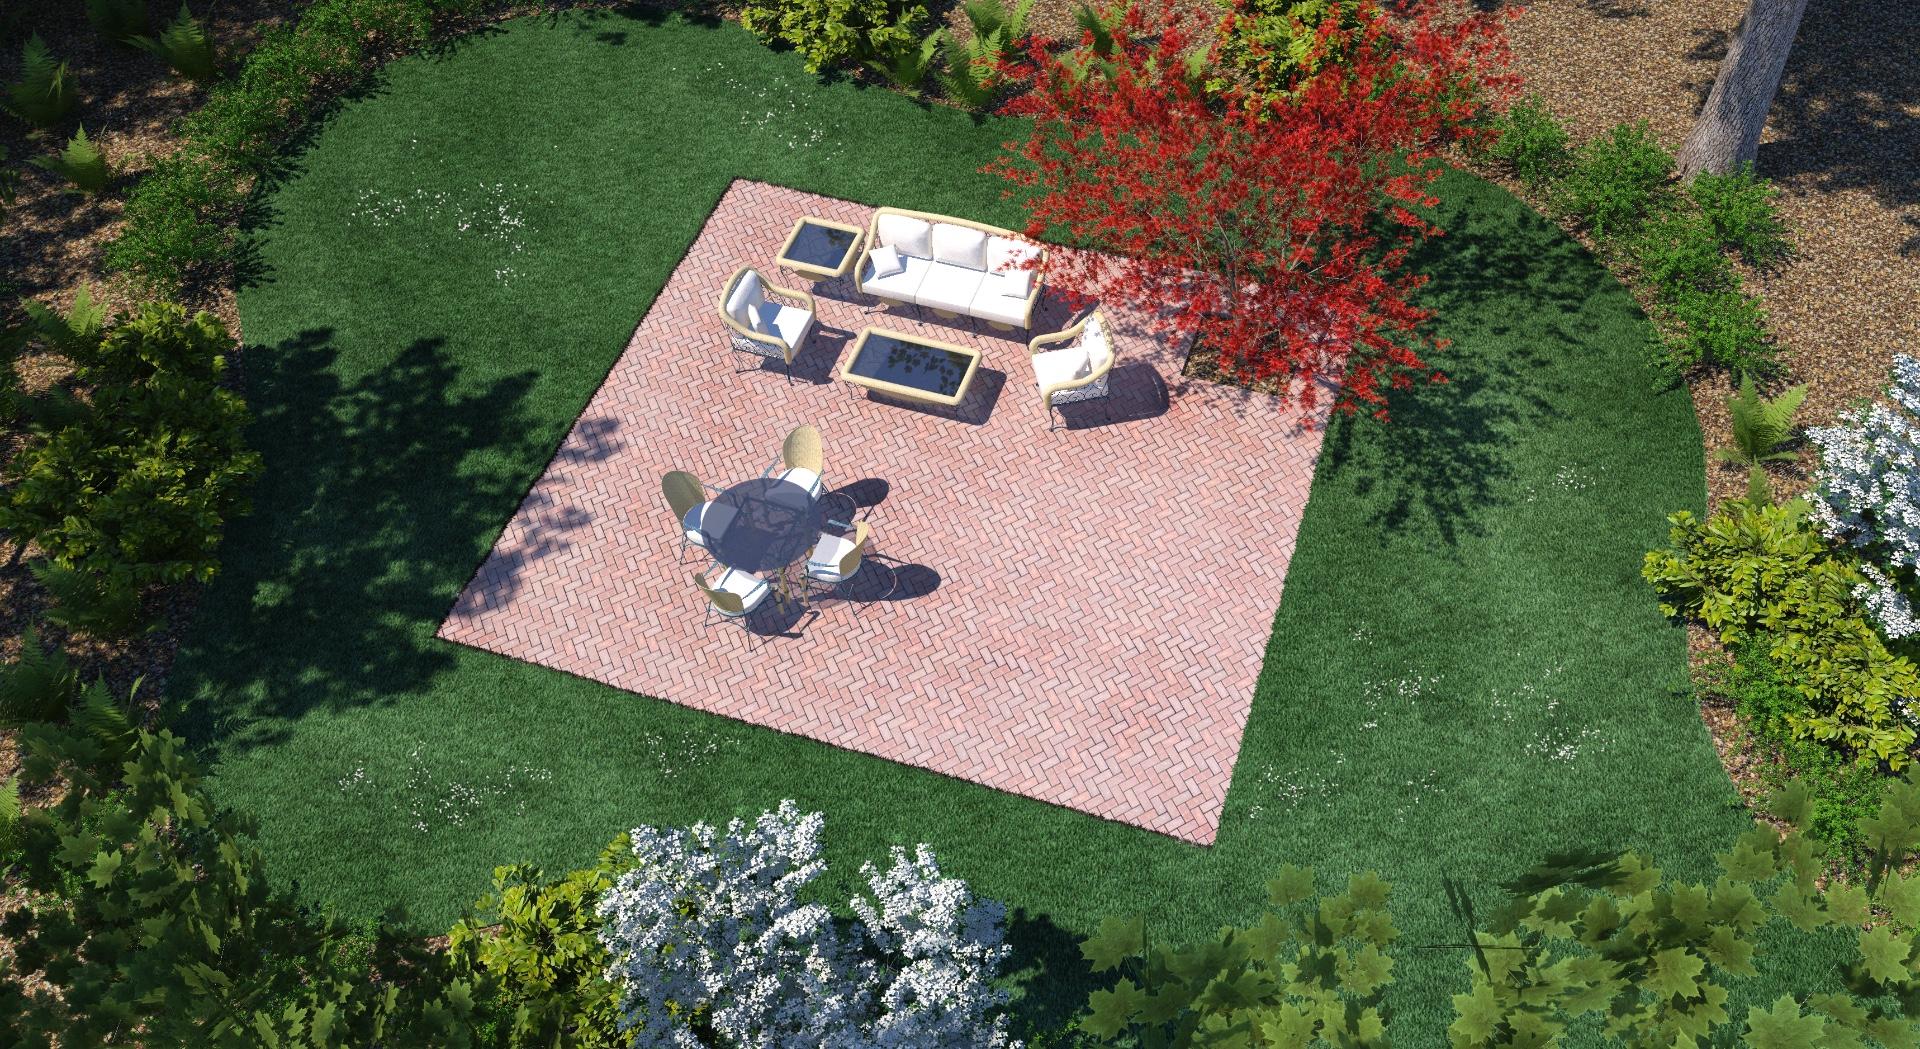 patio birds eye 1.jpg